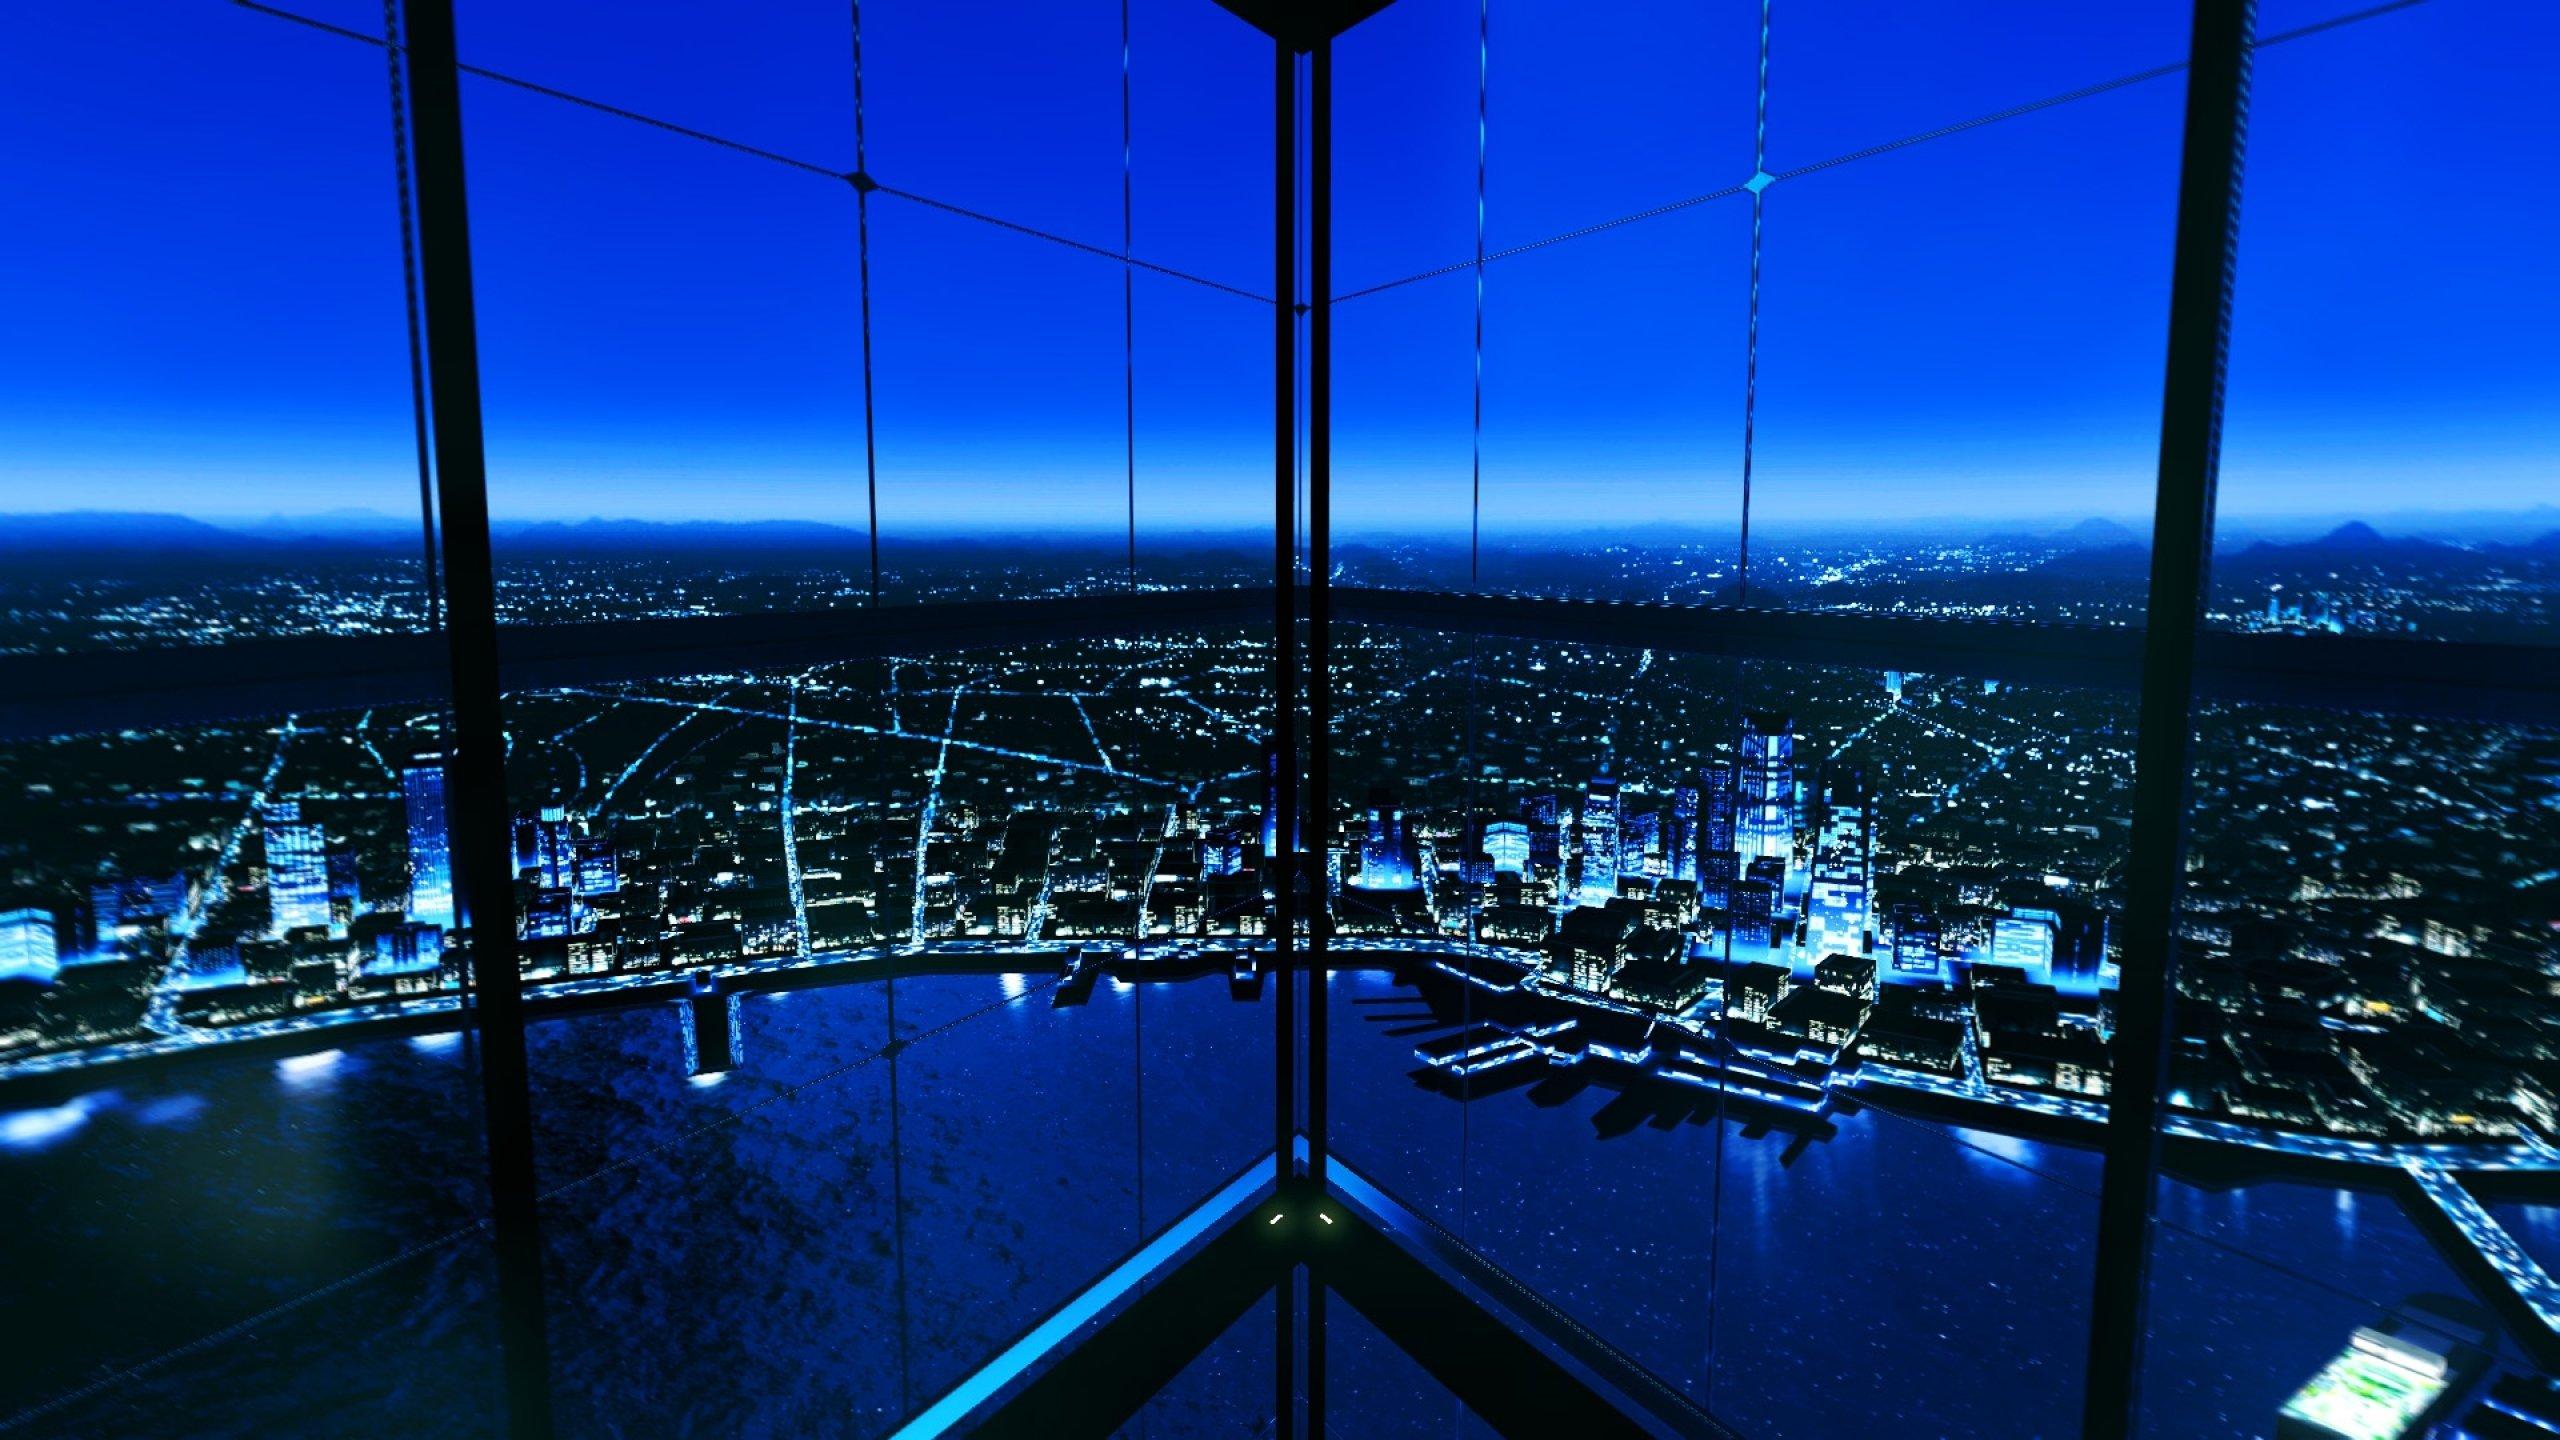 Картинки широкоформатные вид из окна